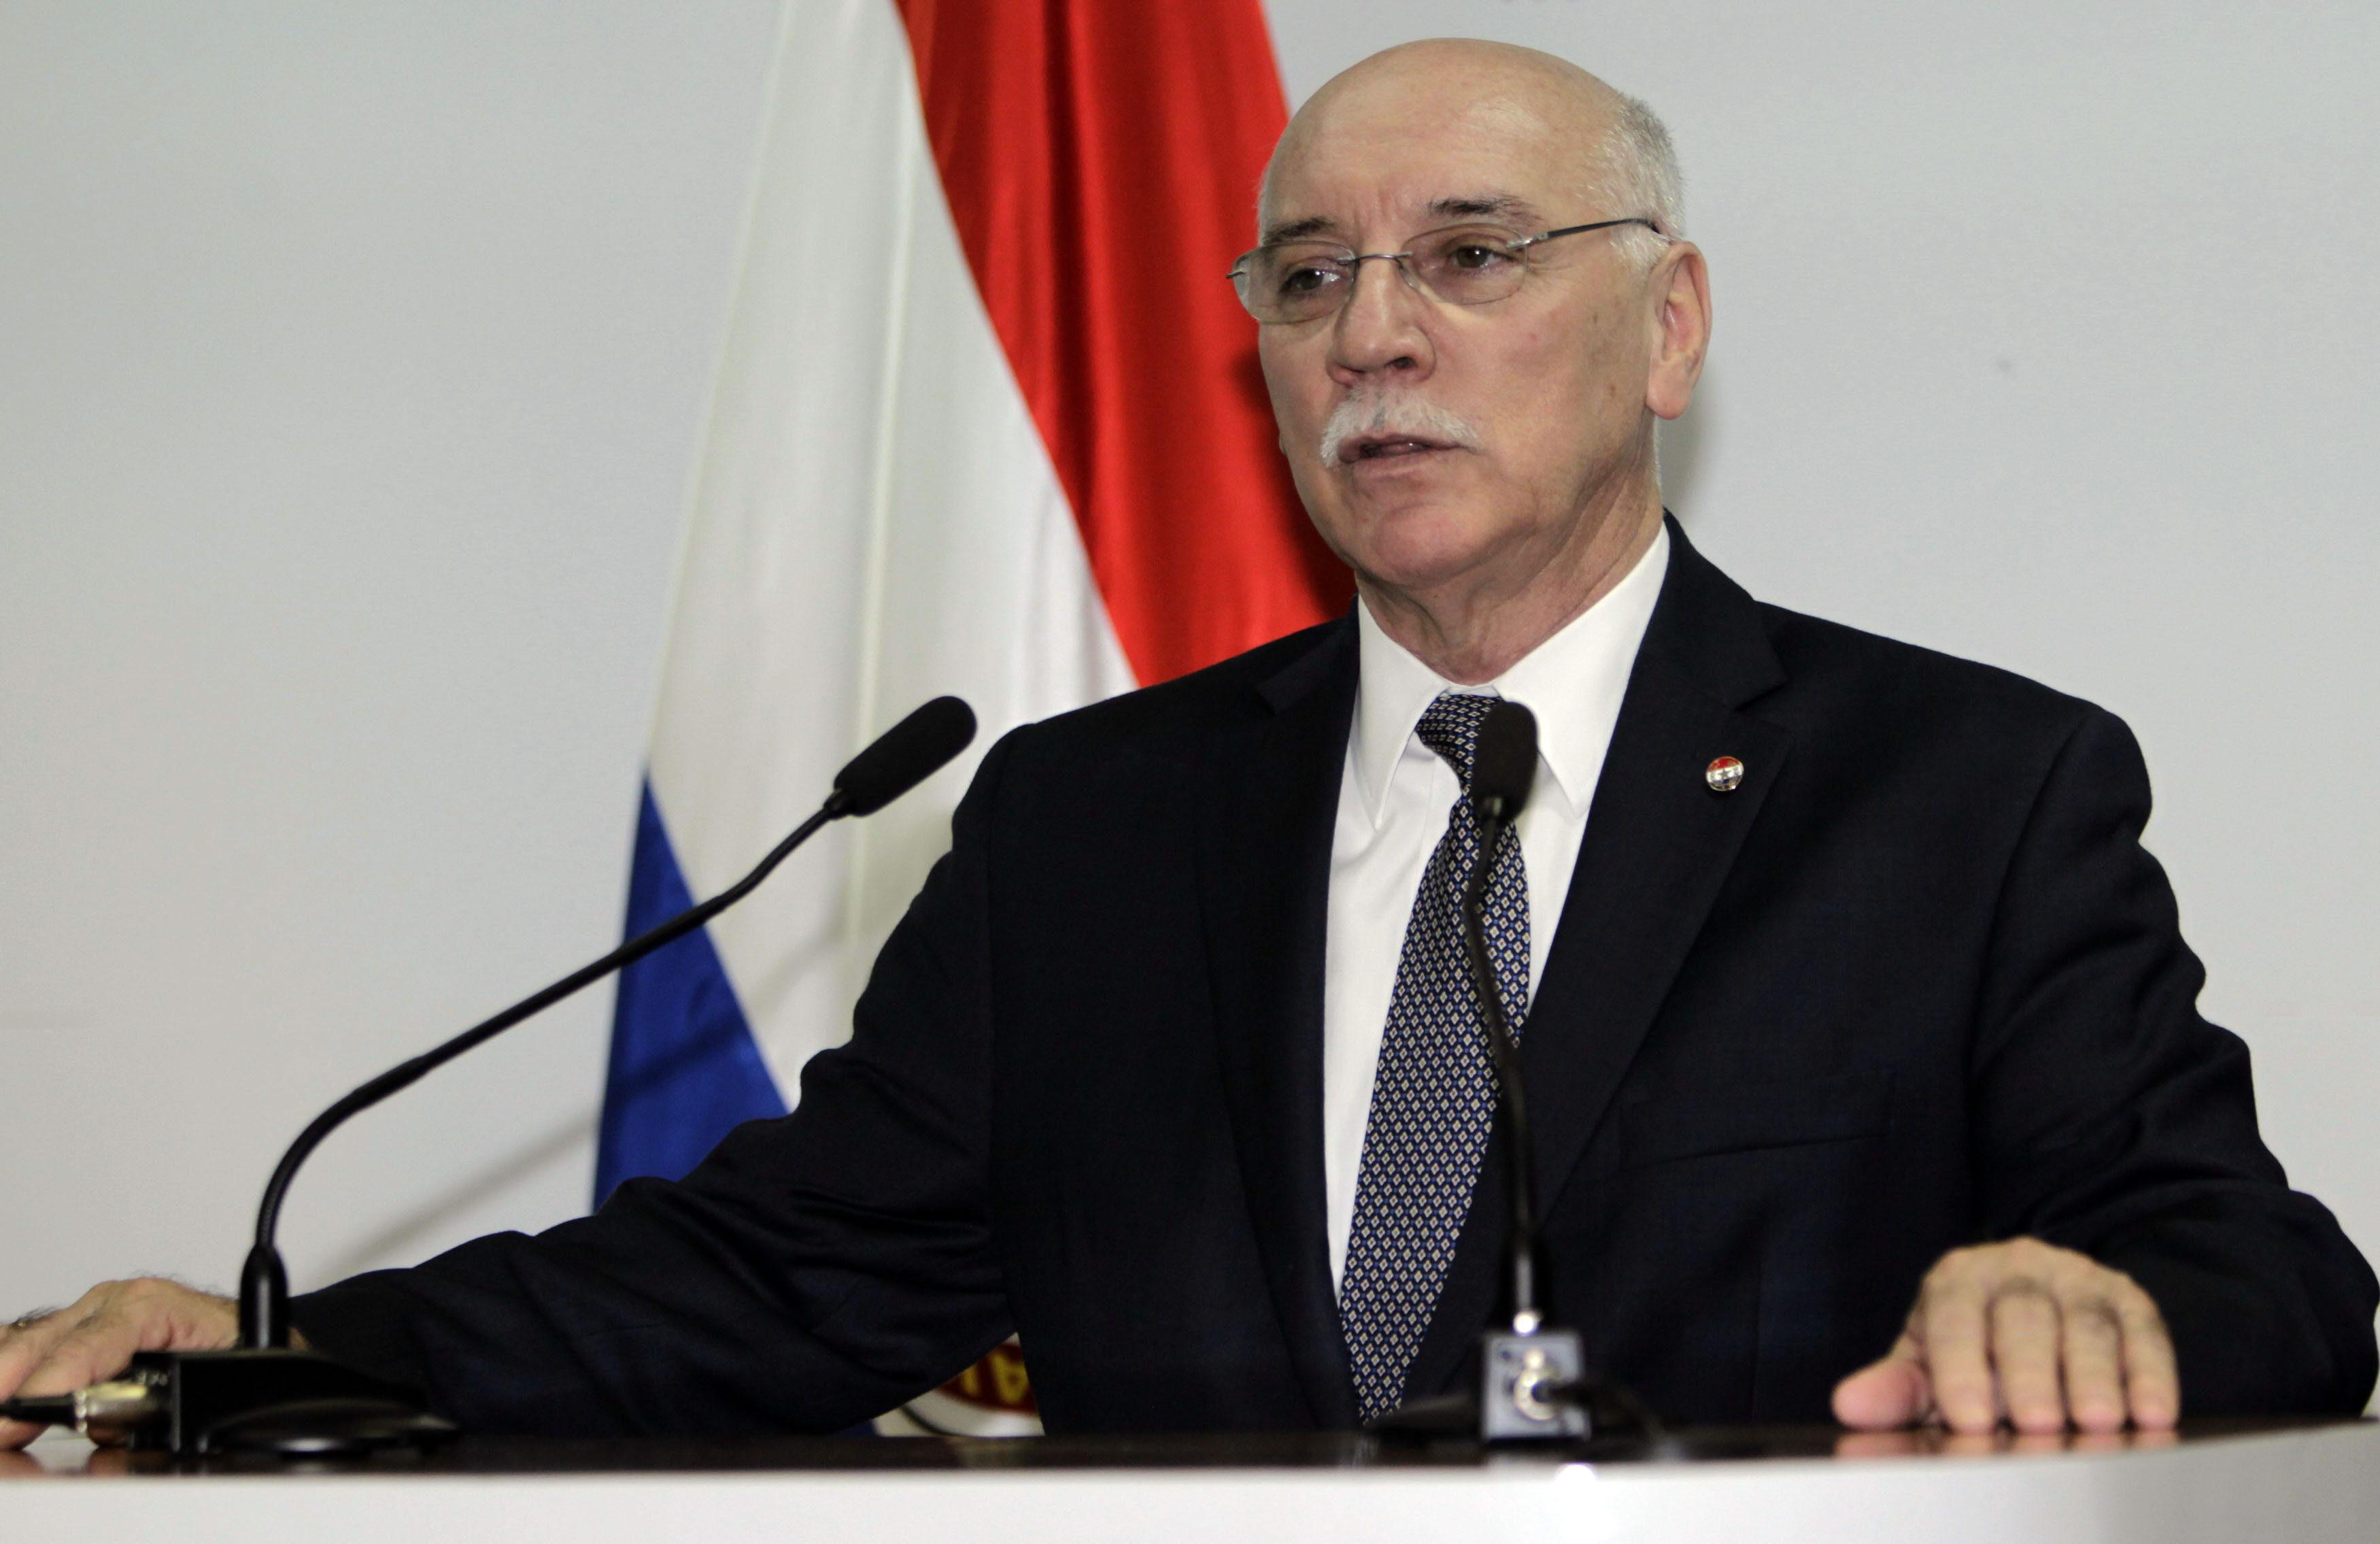 El Ministro de Relaciones Exteriores de Paraguay, Eladio Loizaga (Foto EFE/Andrés Cristaldo)